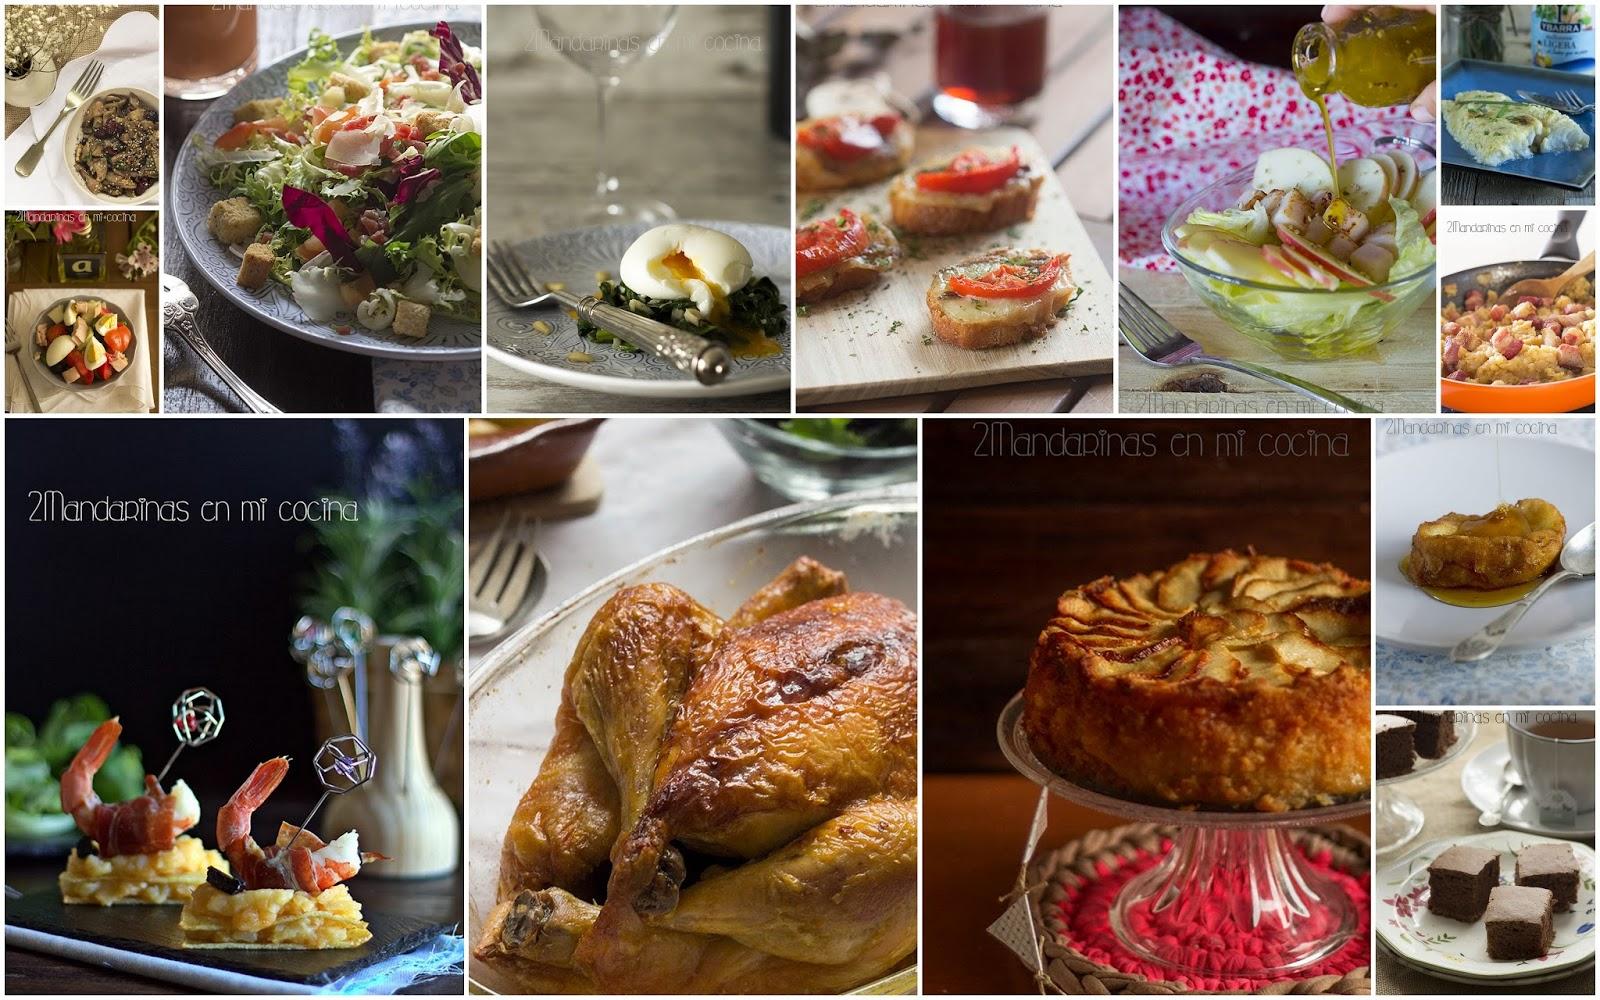 Las 12 recetas m s vistas en 2014 blog de recetas de for Mejores blogs cocina